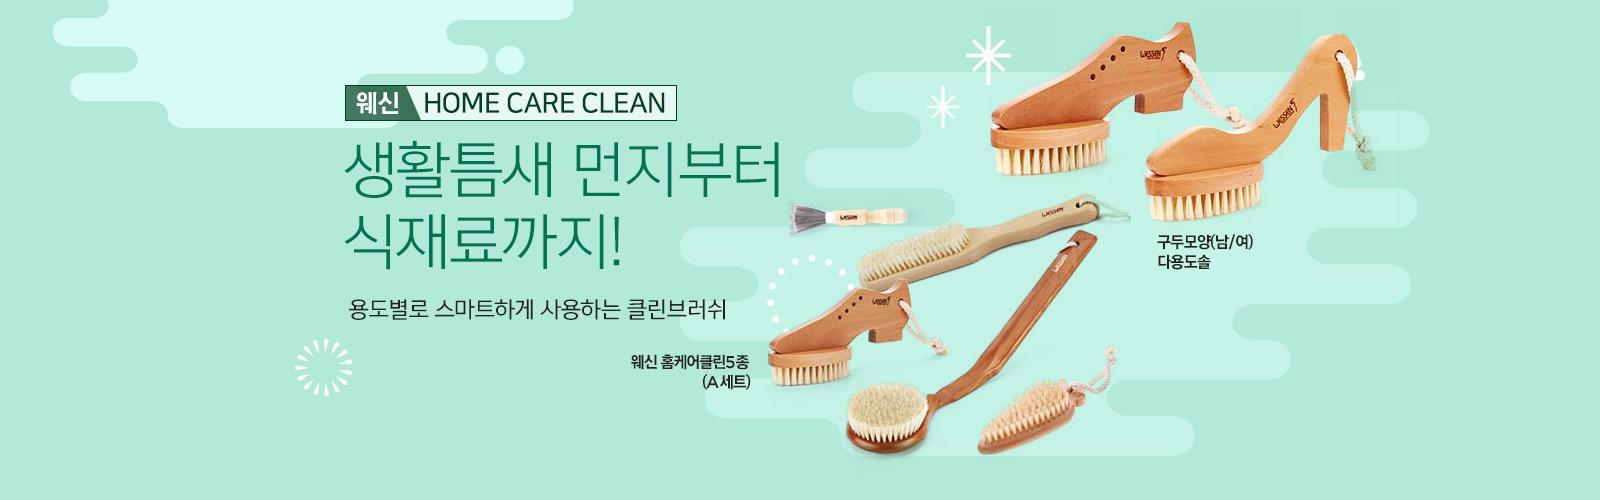 [웨신] HOME CARE CLEAN 생활틈새 먼지부터 식재료까지! 용도별로 스마트하게 사용하는 클린브러쉬